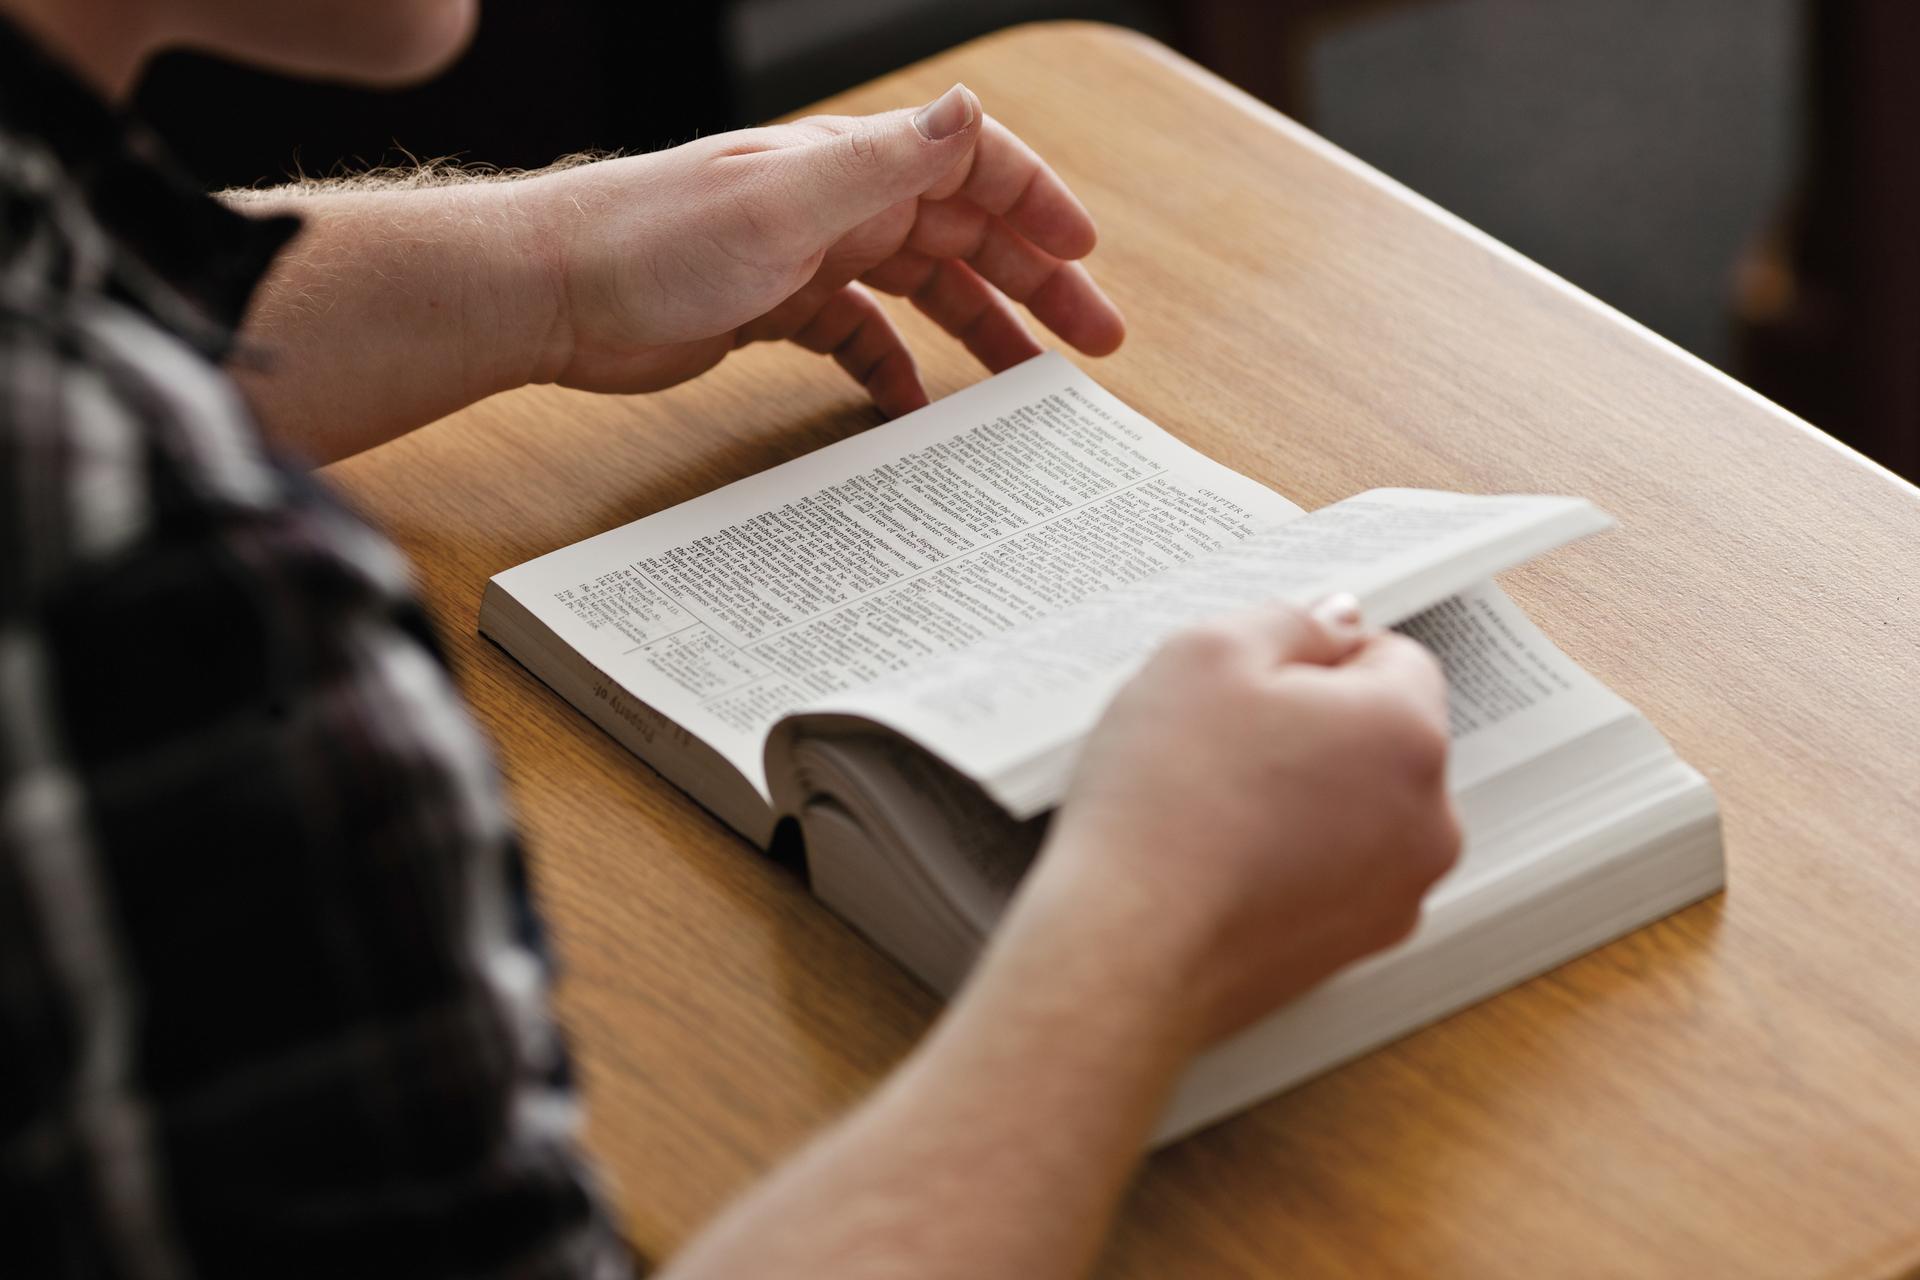 Hoe leest u? Ten derden dage opgewekt – Drie dagen en drie nachten